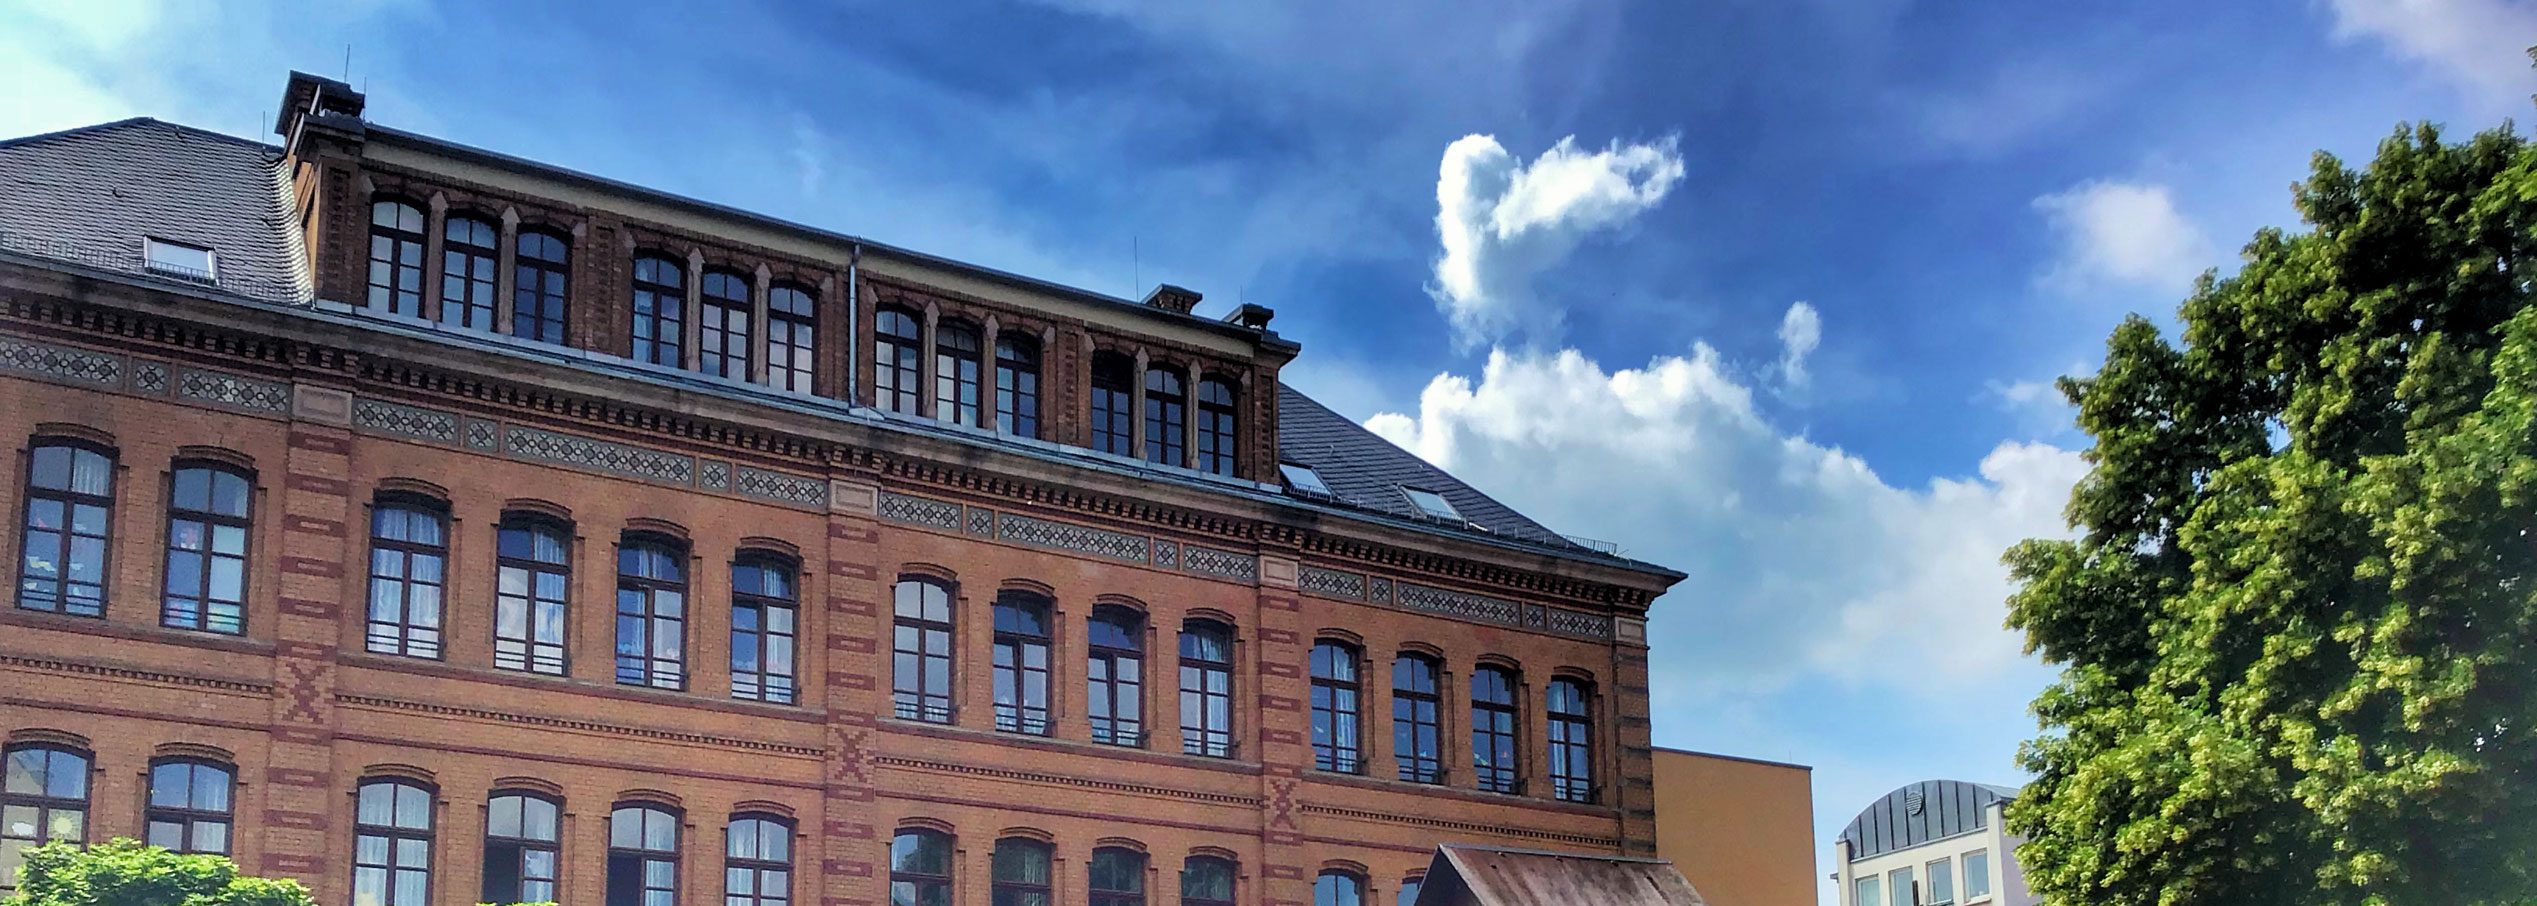 Eisgrubschule Mainz – Das Schulgebäude